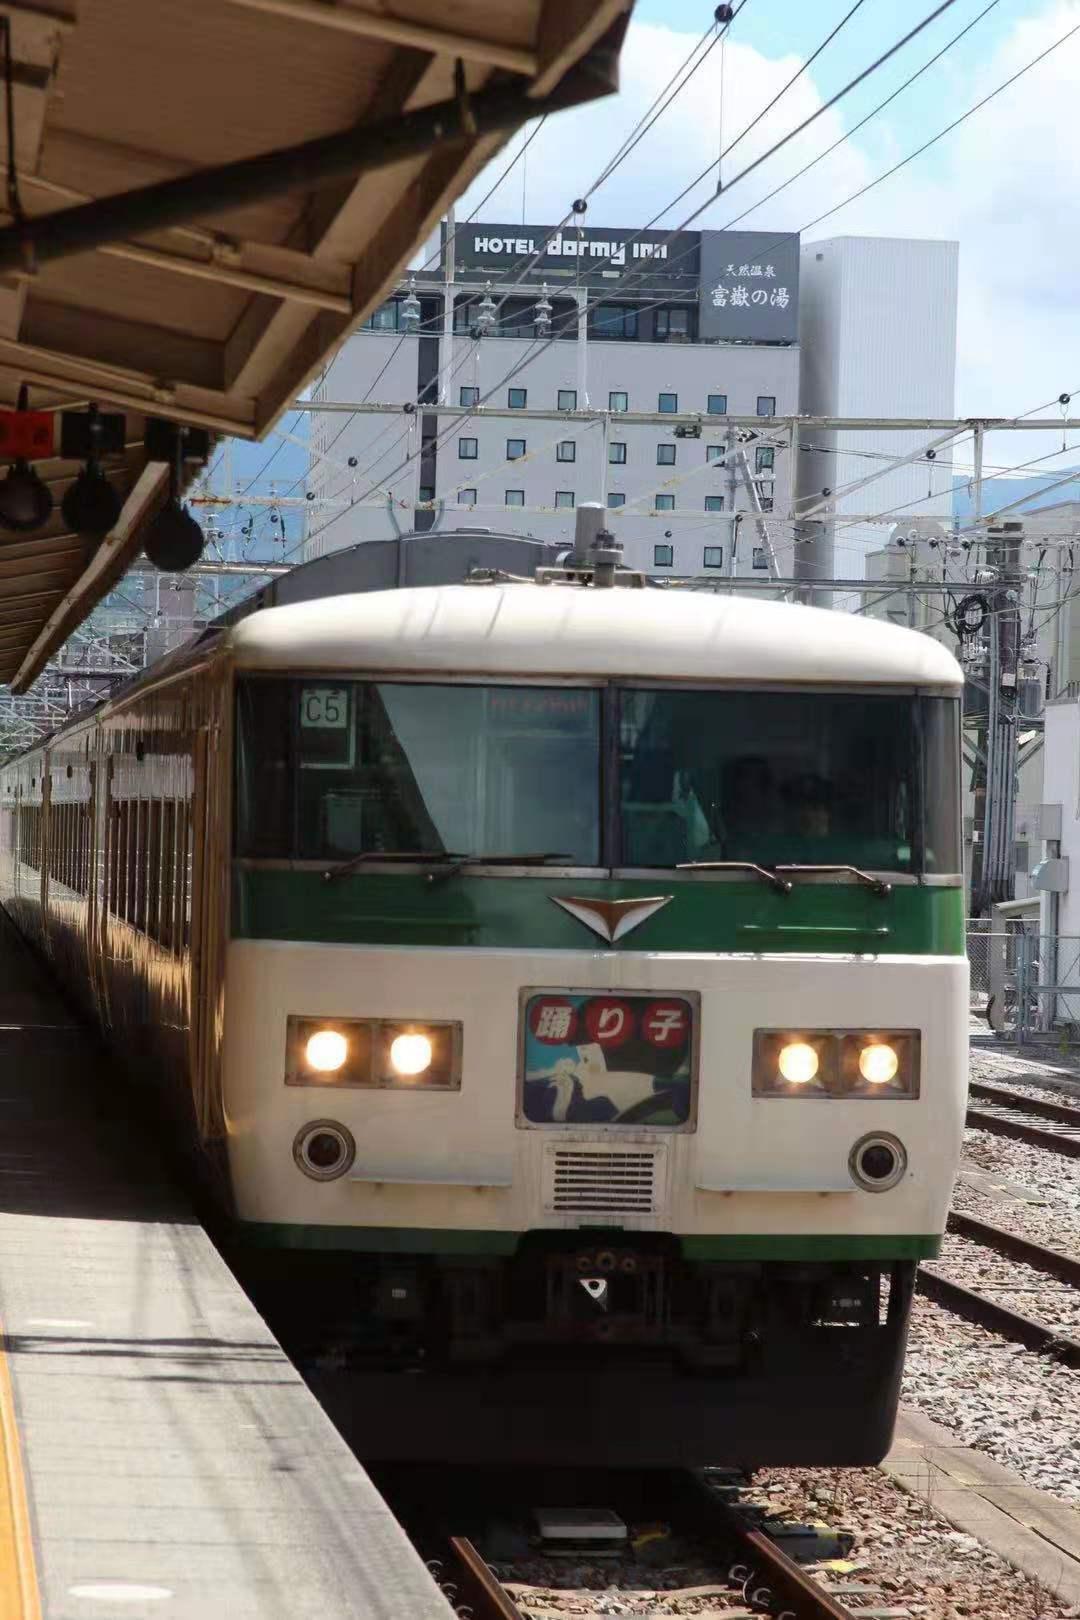 特急踊り子号に特急券持たずに乗車! 伊豆箱根鉄道で2021年春に引退の185系に乗る